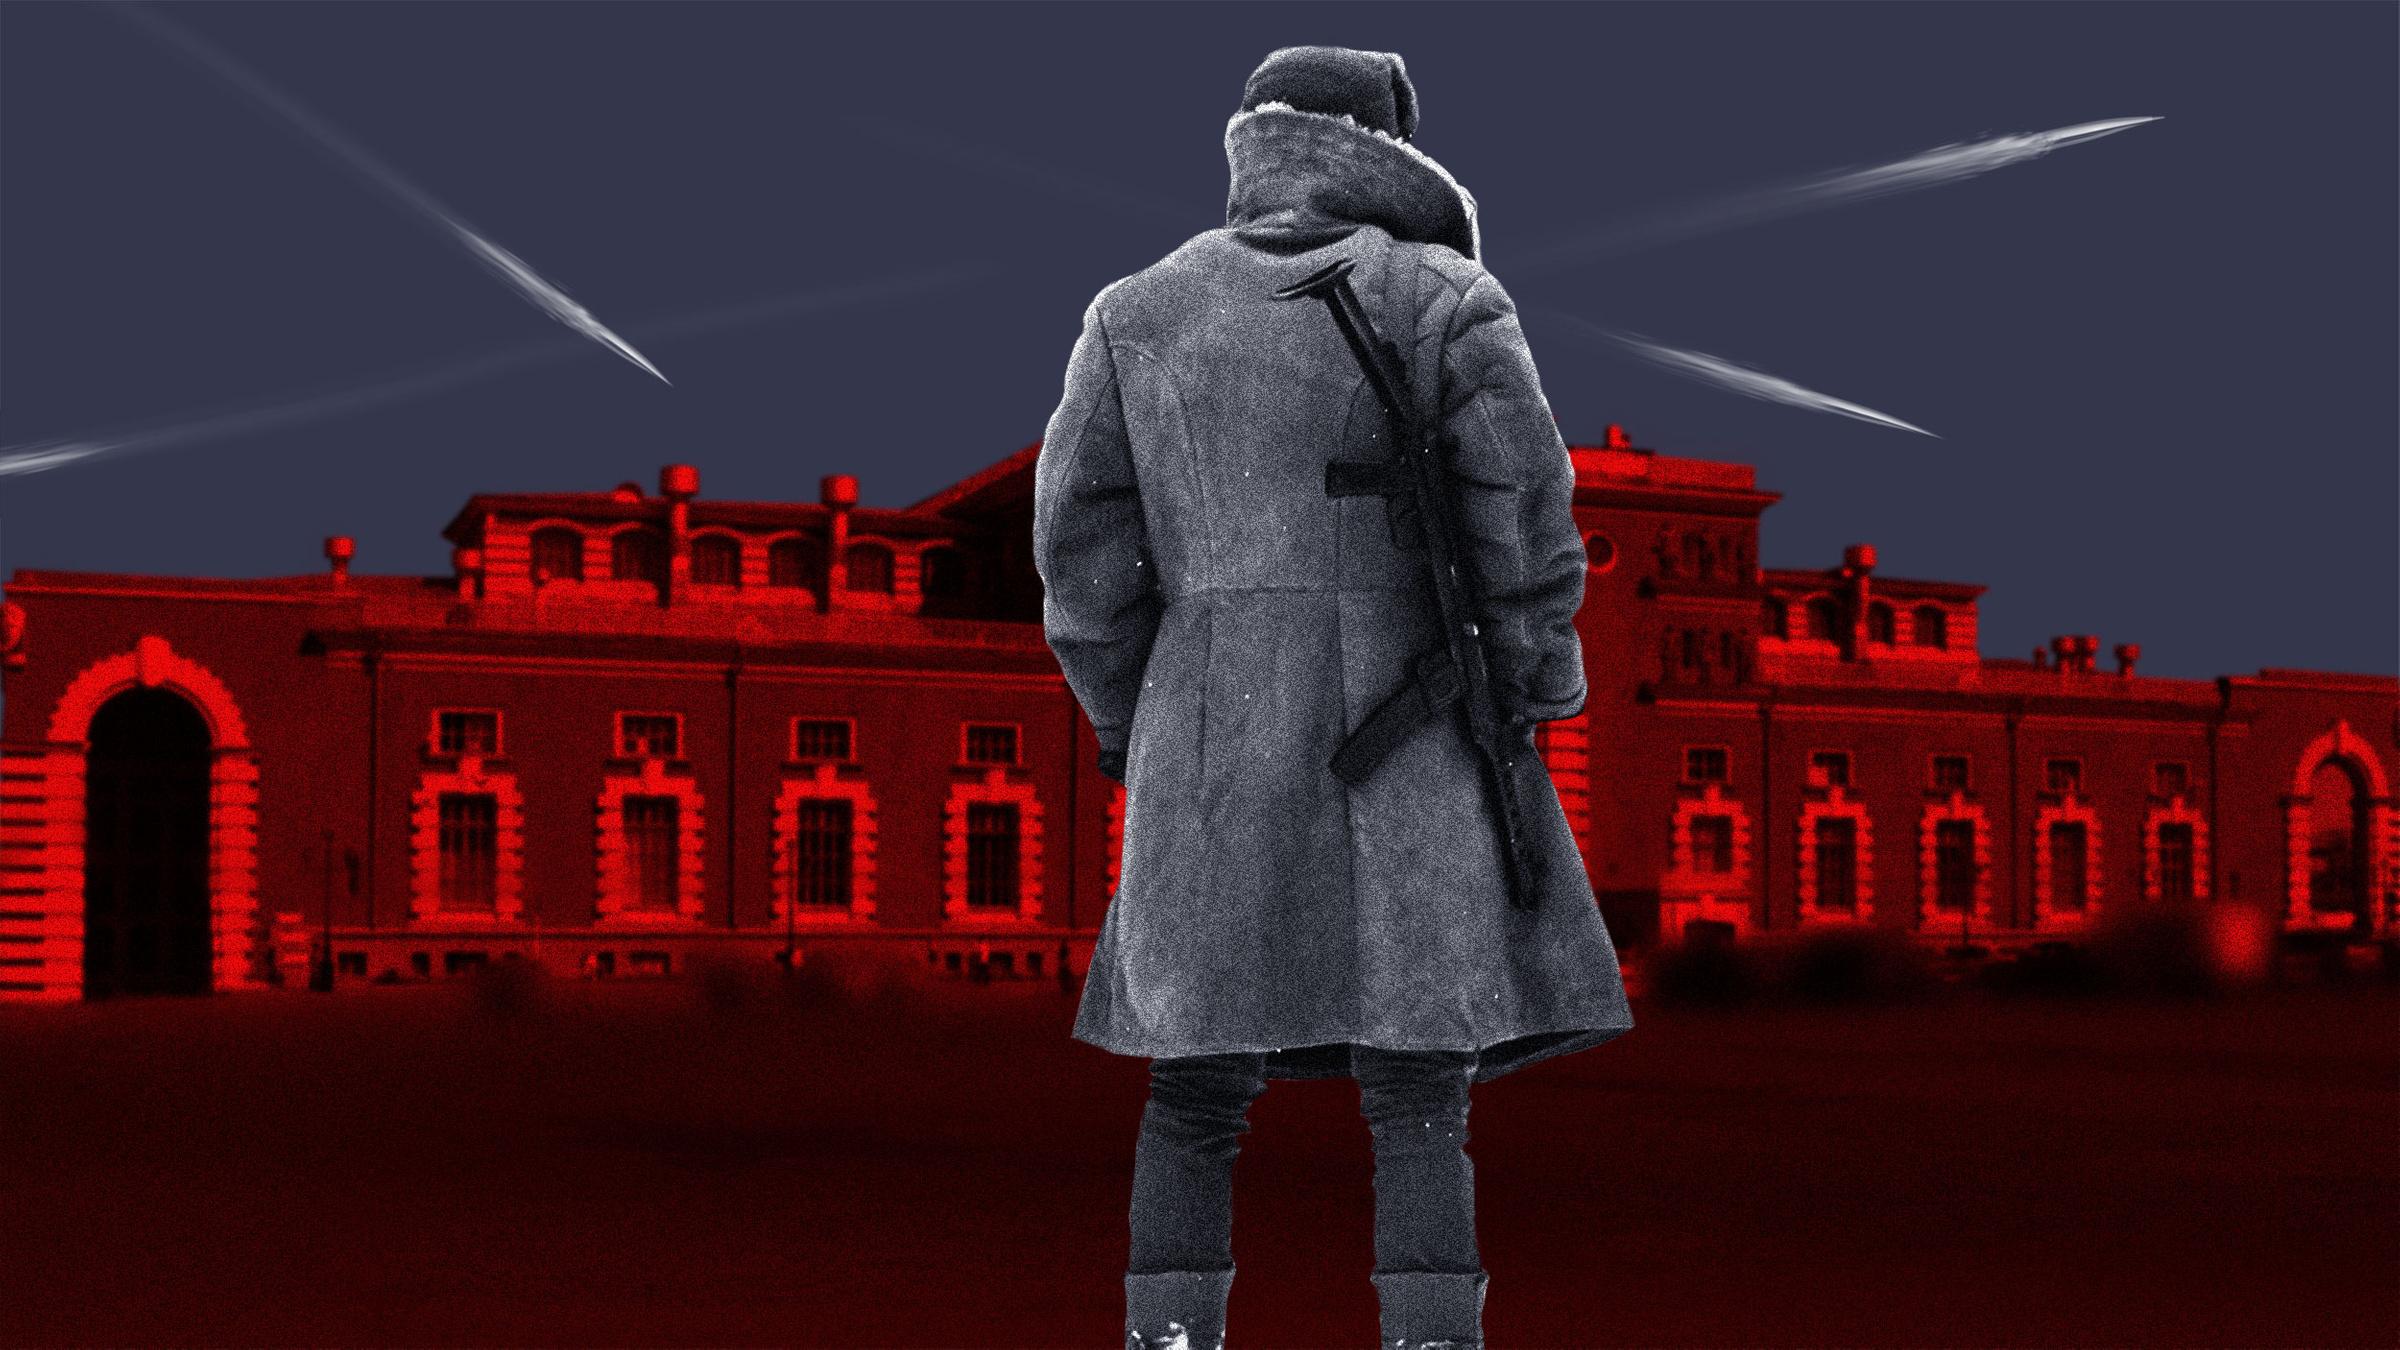 """<p>Коллаж LIFE. Фото © <a href=""""https://ru.depositphotos.com/451949476/stock-photo-soviet-soldier-coat-standing-gun.html"""" target=""""_blank"""" rel=""""noopener noreferrer"""">depositphotos</a>, <a href=""""http://www.rupoezd.ru/elektrichka-voronezh-kurskii_kastornaya-kurskaya-raspisanie-na-segodnya-i-zavtra-cena-i-stoimost-bileta-ostanovki-i-marshrut/"""" target=""""_blank"""" rel=""""noopener noreferrer"""">rupoezd.ru</a> </p>"""